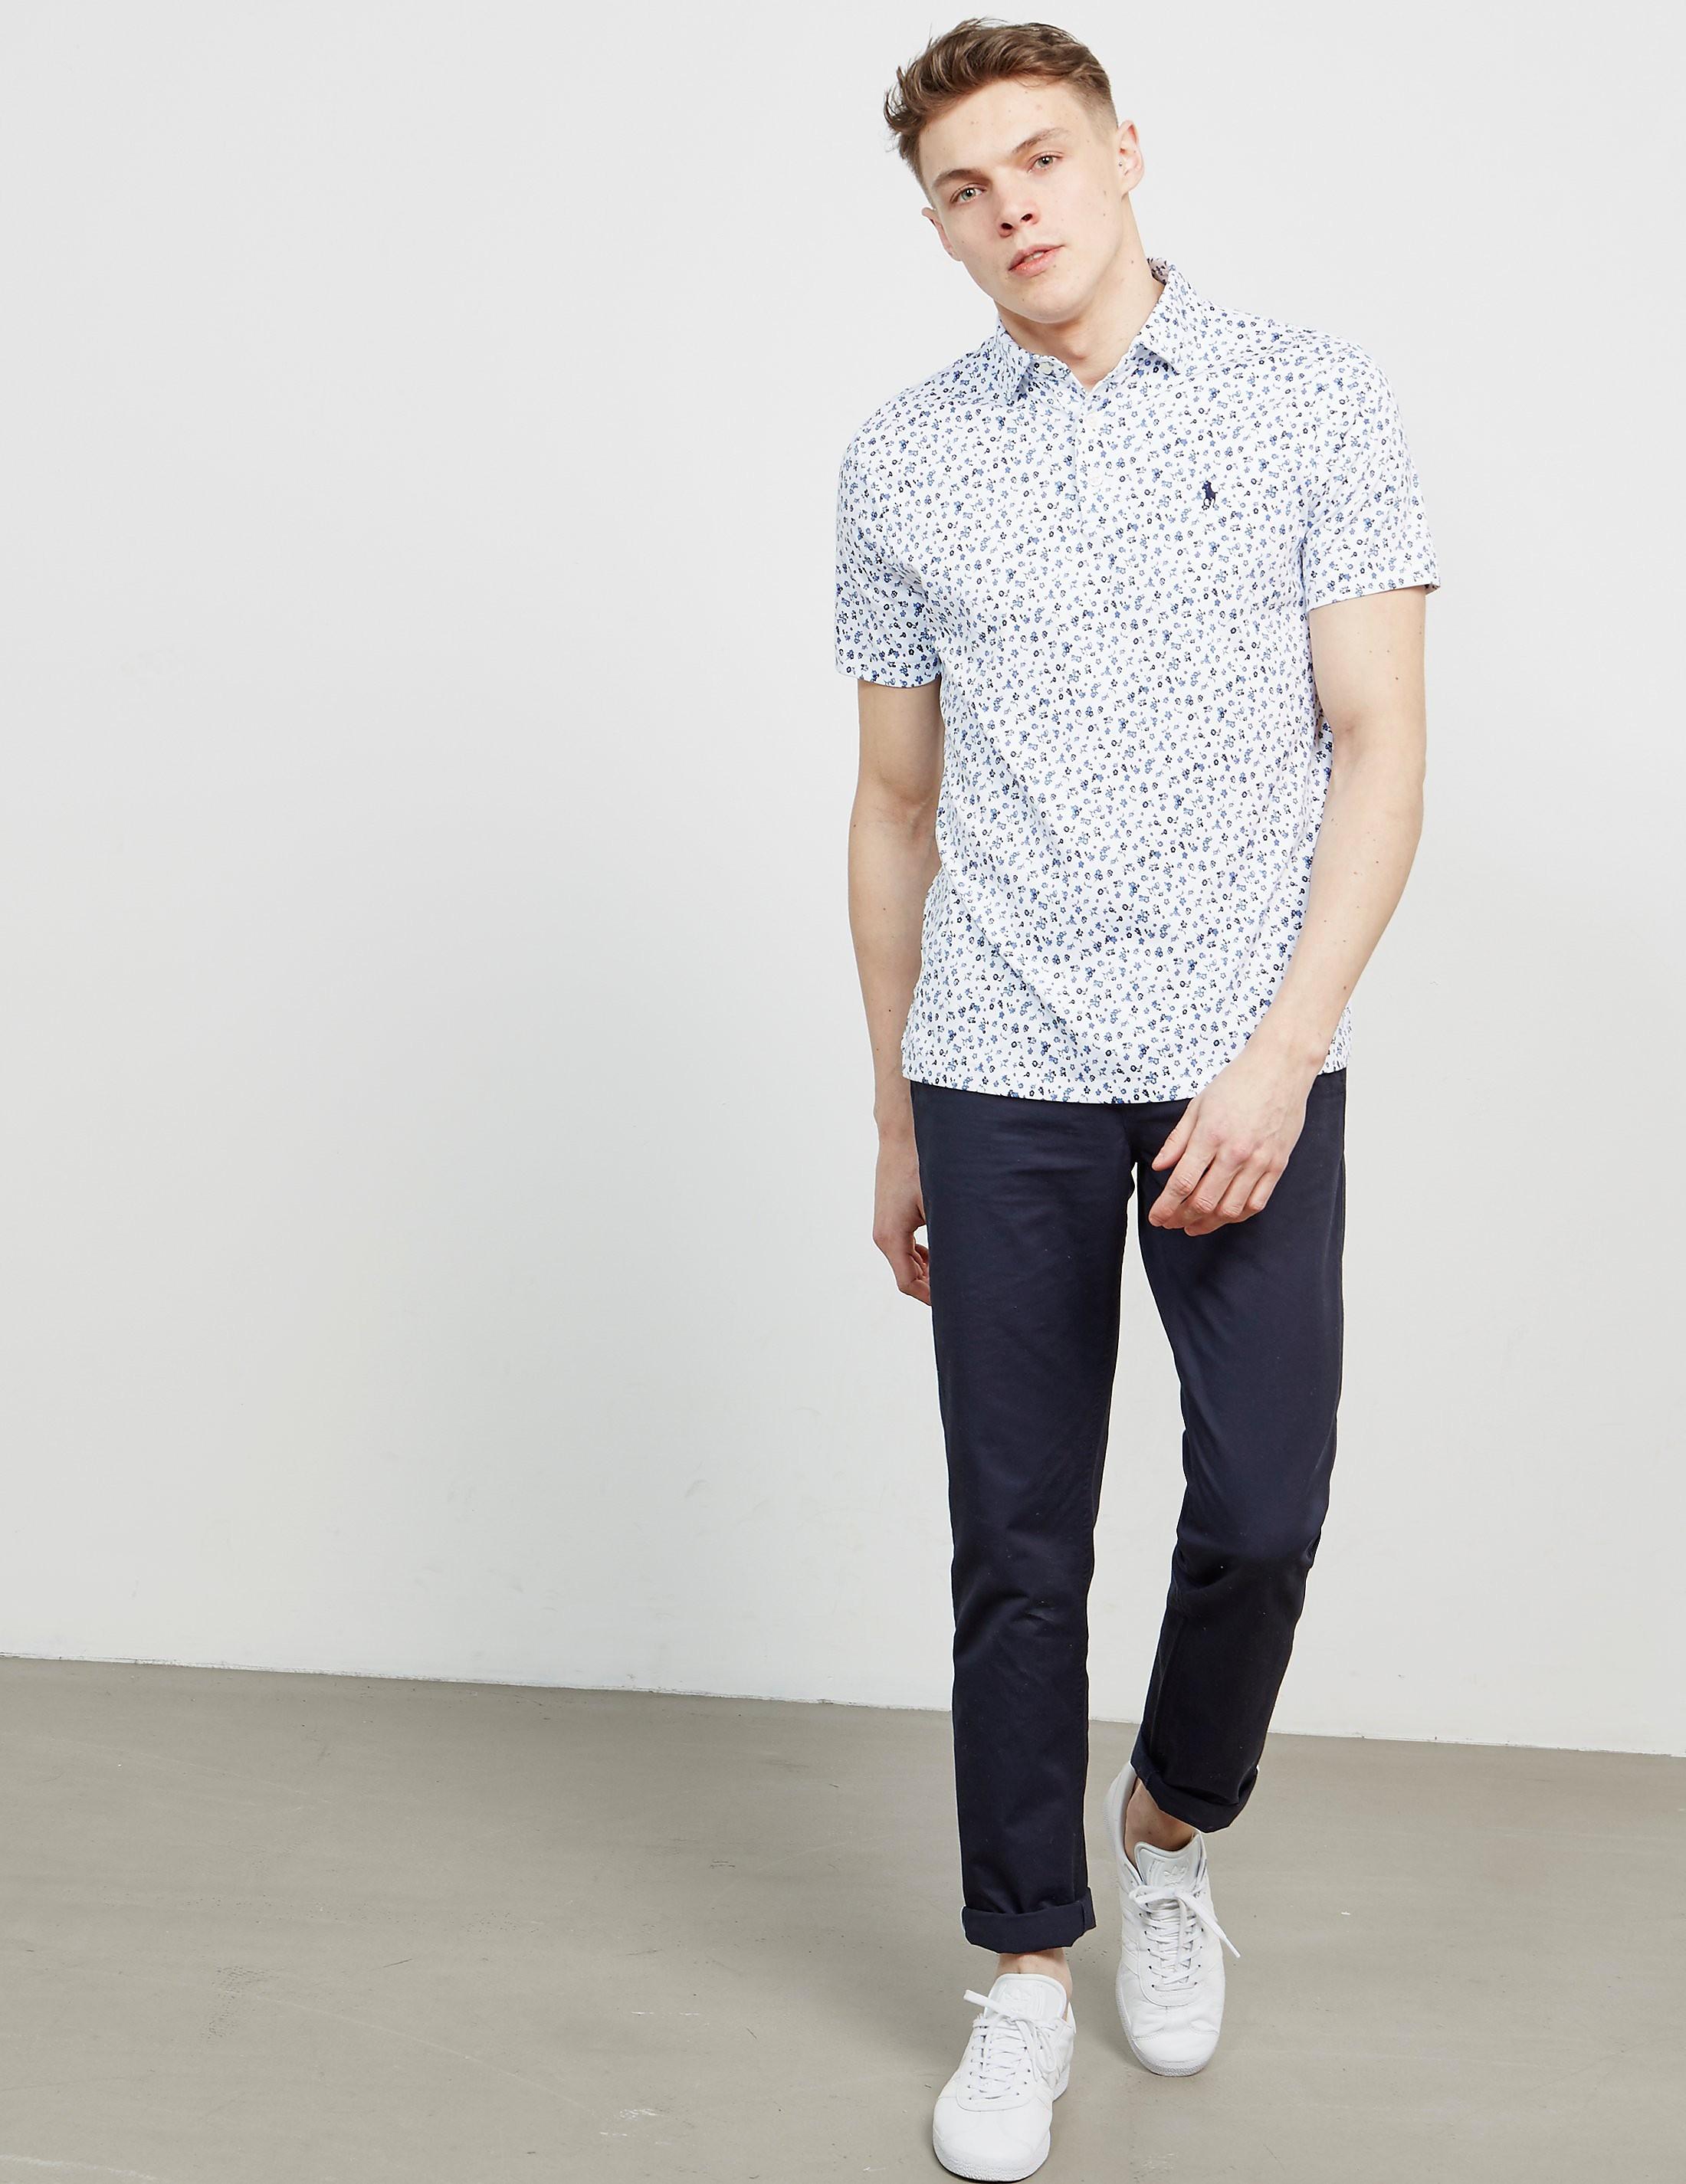 Polo Ralph Lauren Floral Short Sleeve Shirt